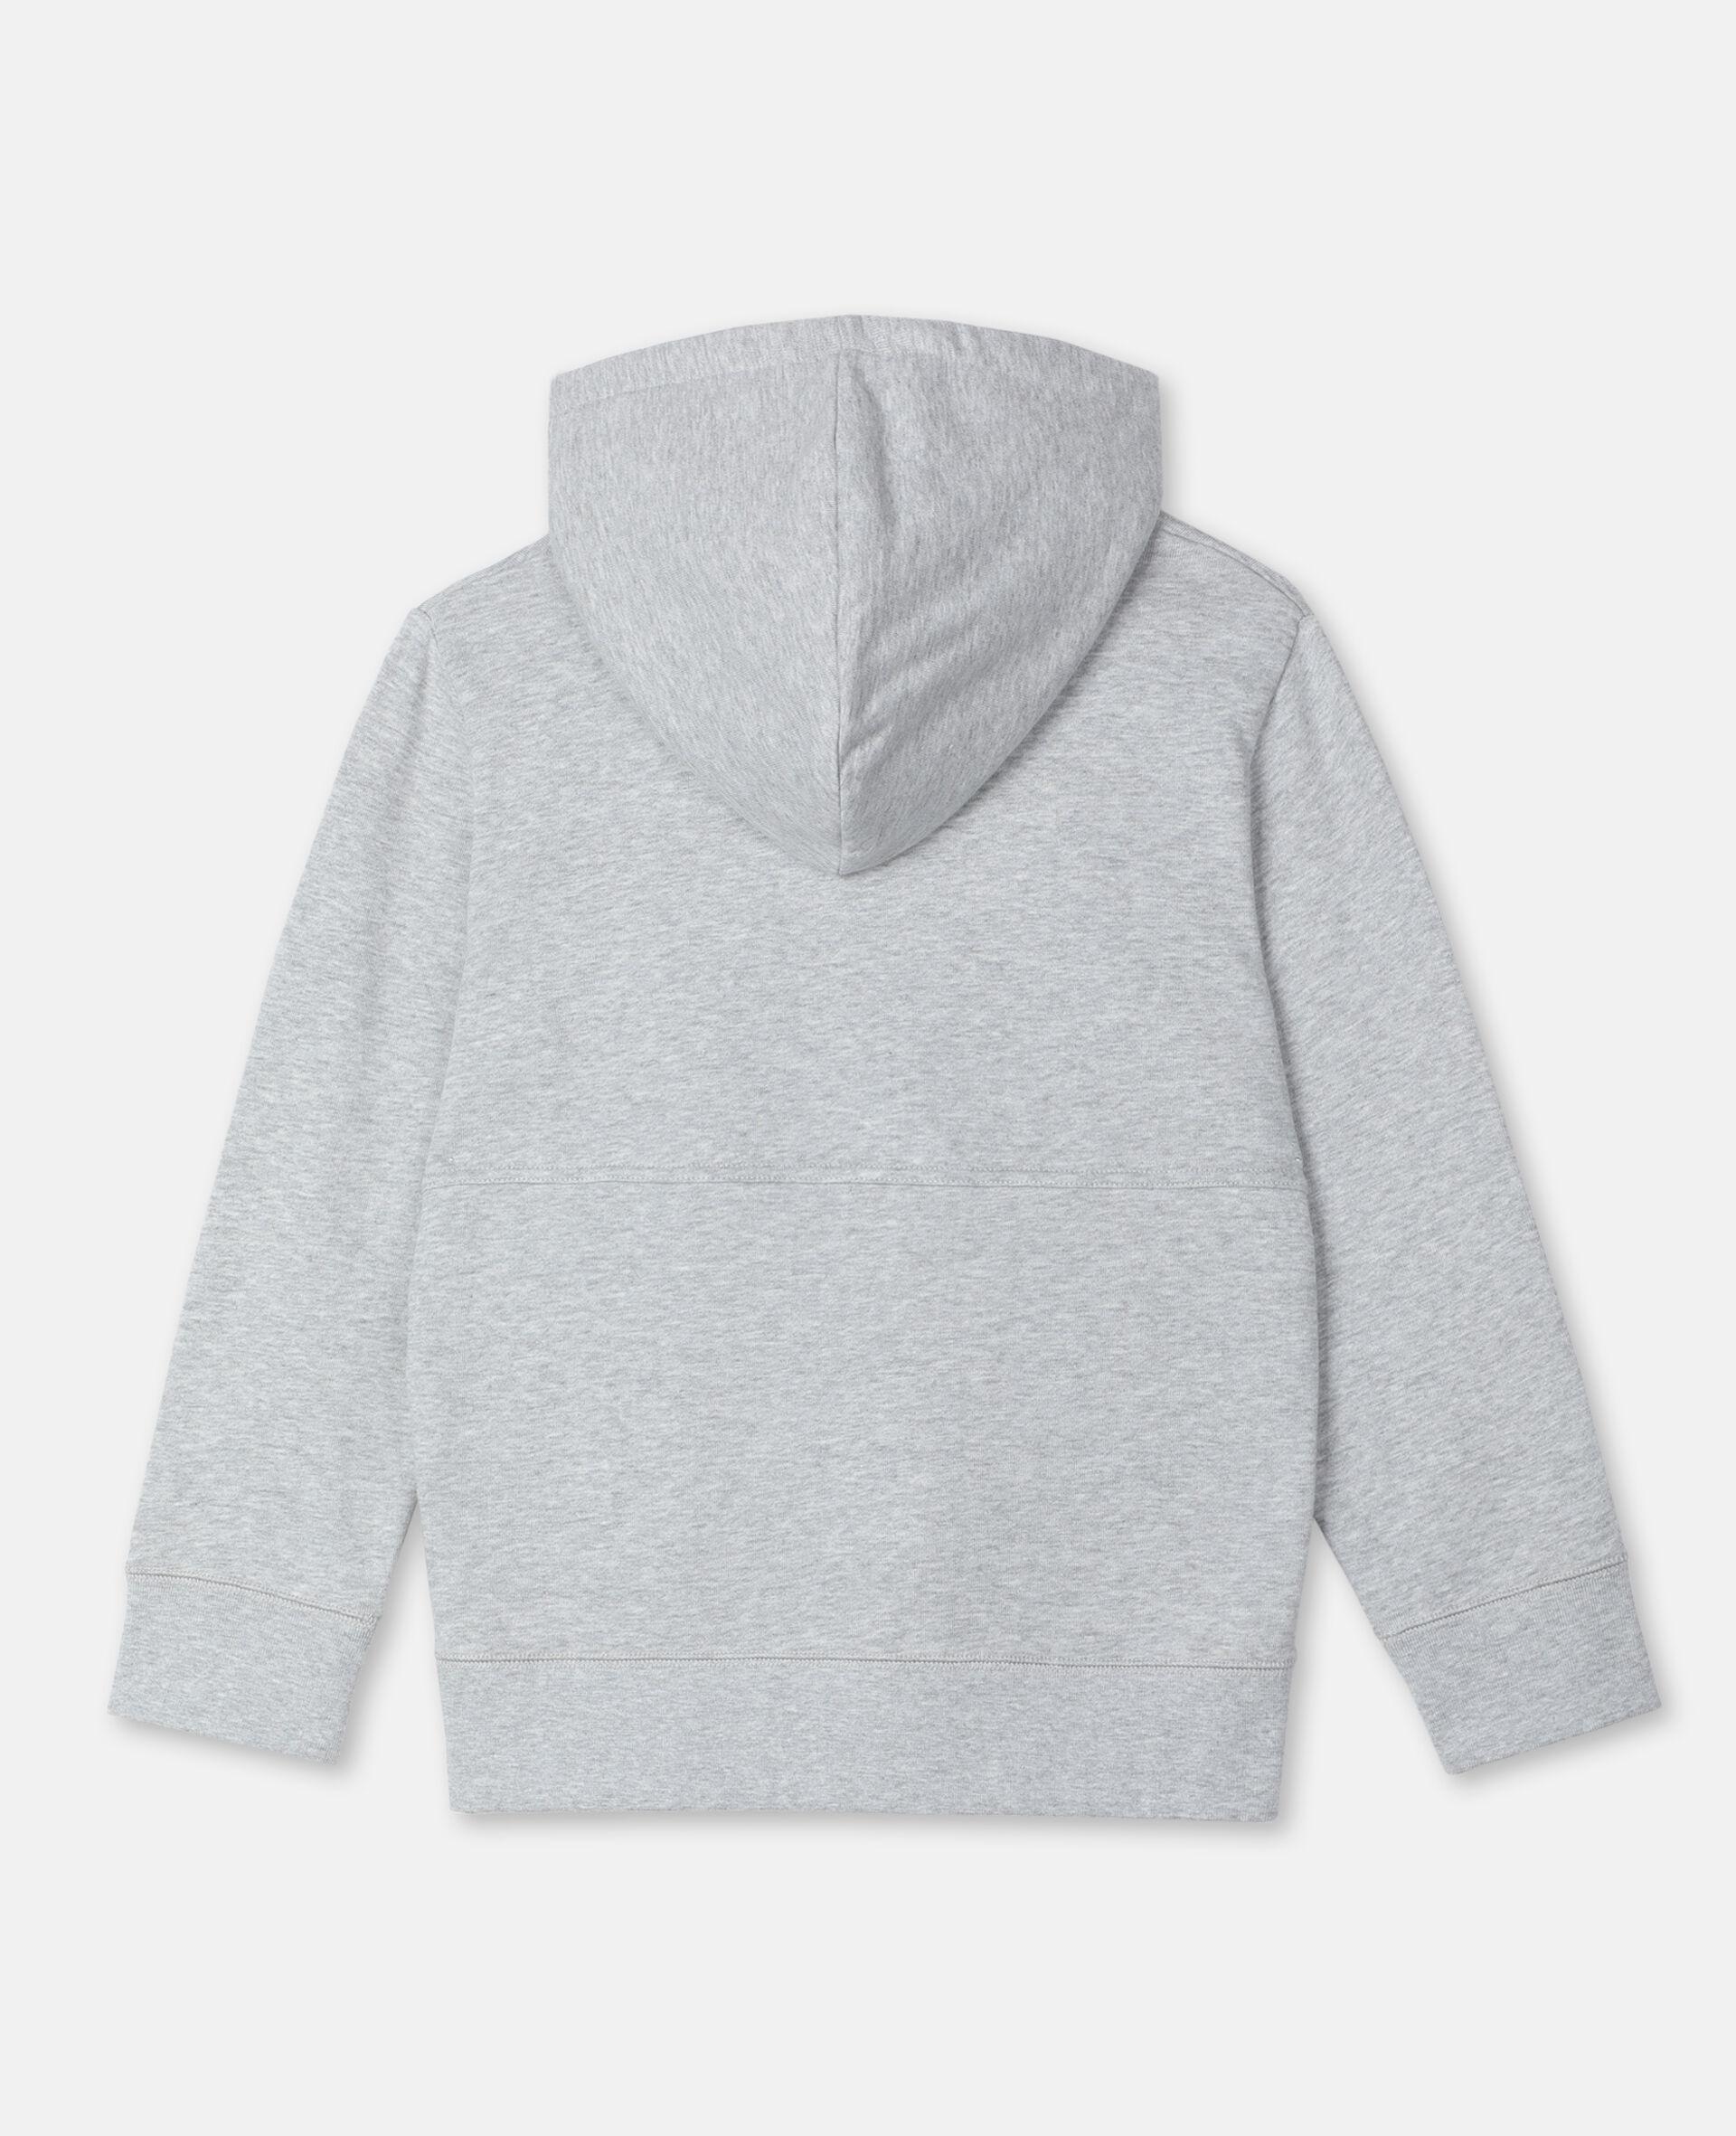 Sweat-shirt à capuche sportif oversize avec écusson logo -Gris-large image number 3